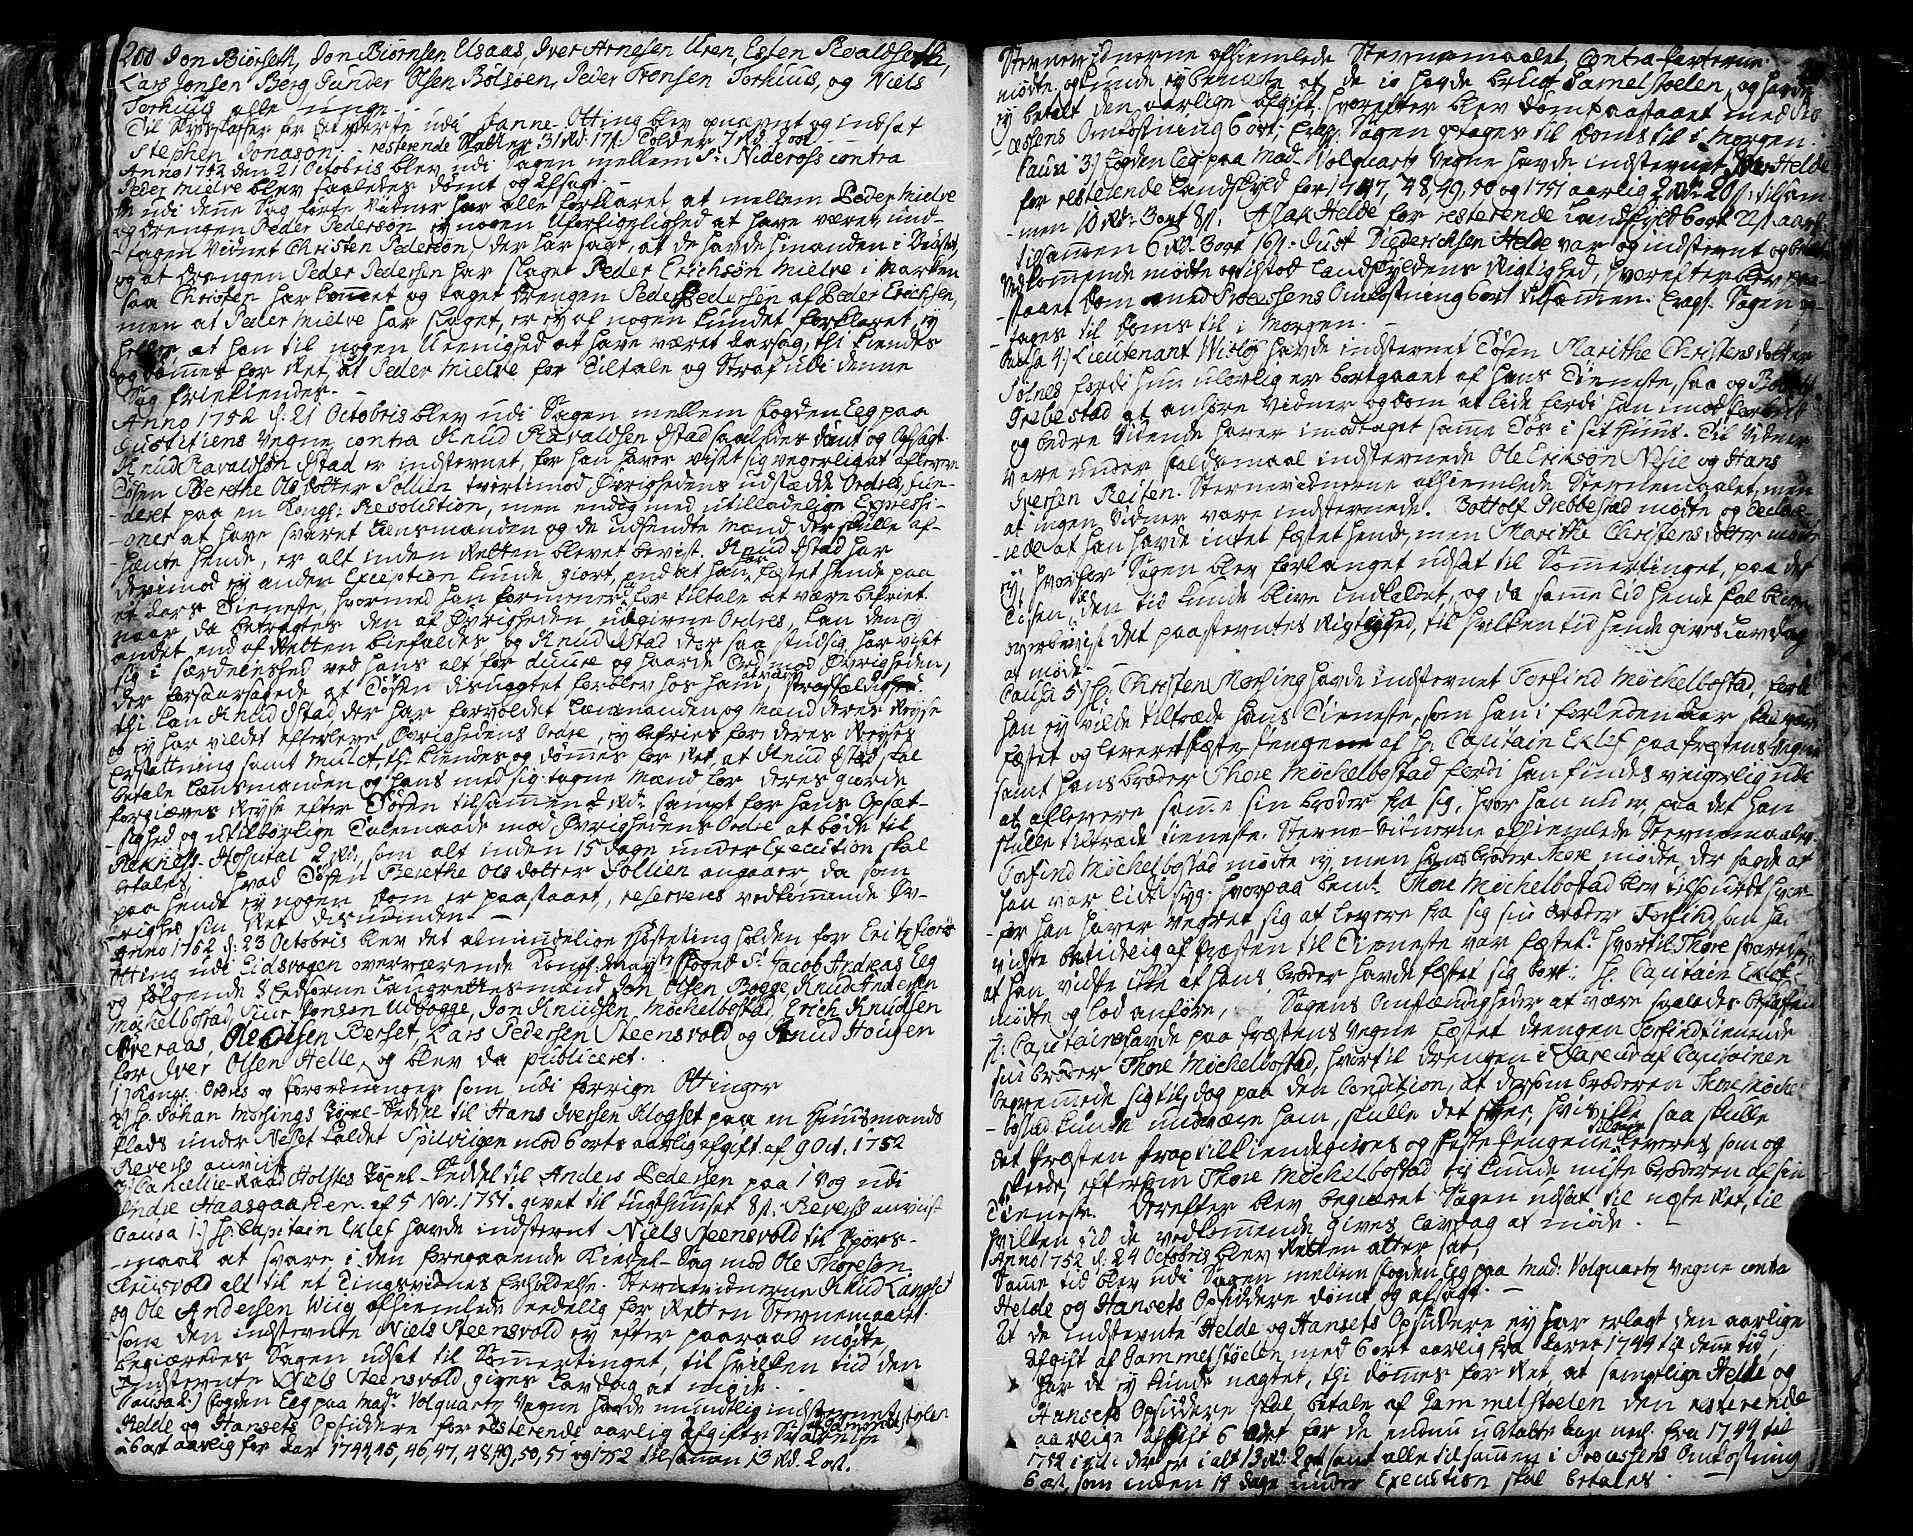 SAT, Romsdal sorenskriveri, 1/1A/L0013: Tingbok, 1749-1757, s. 200-201